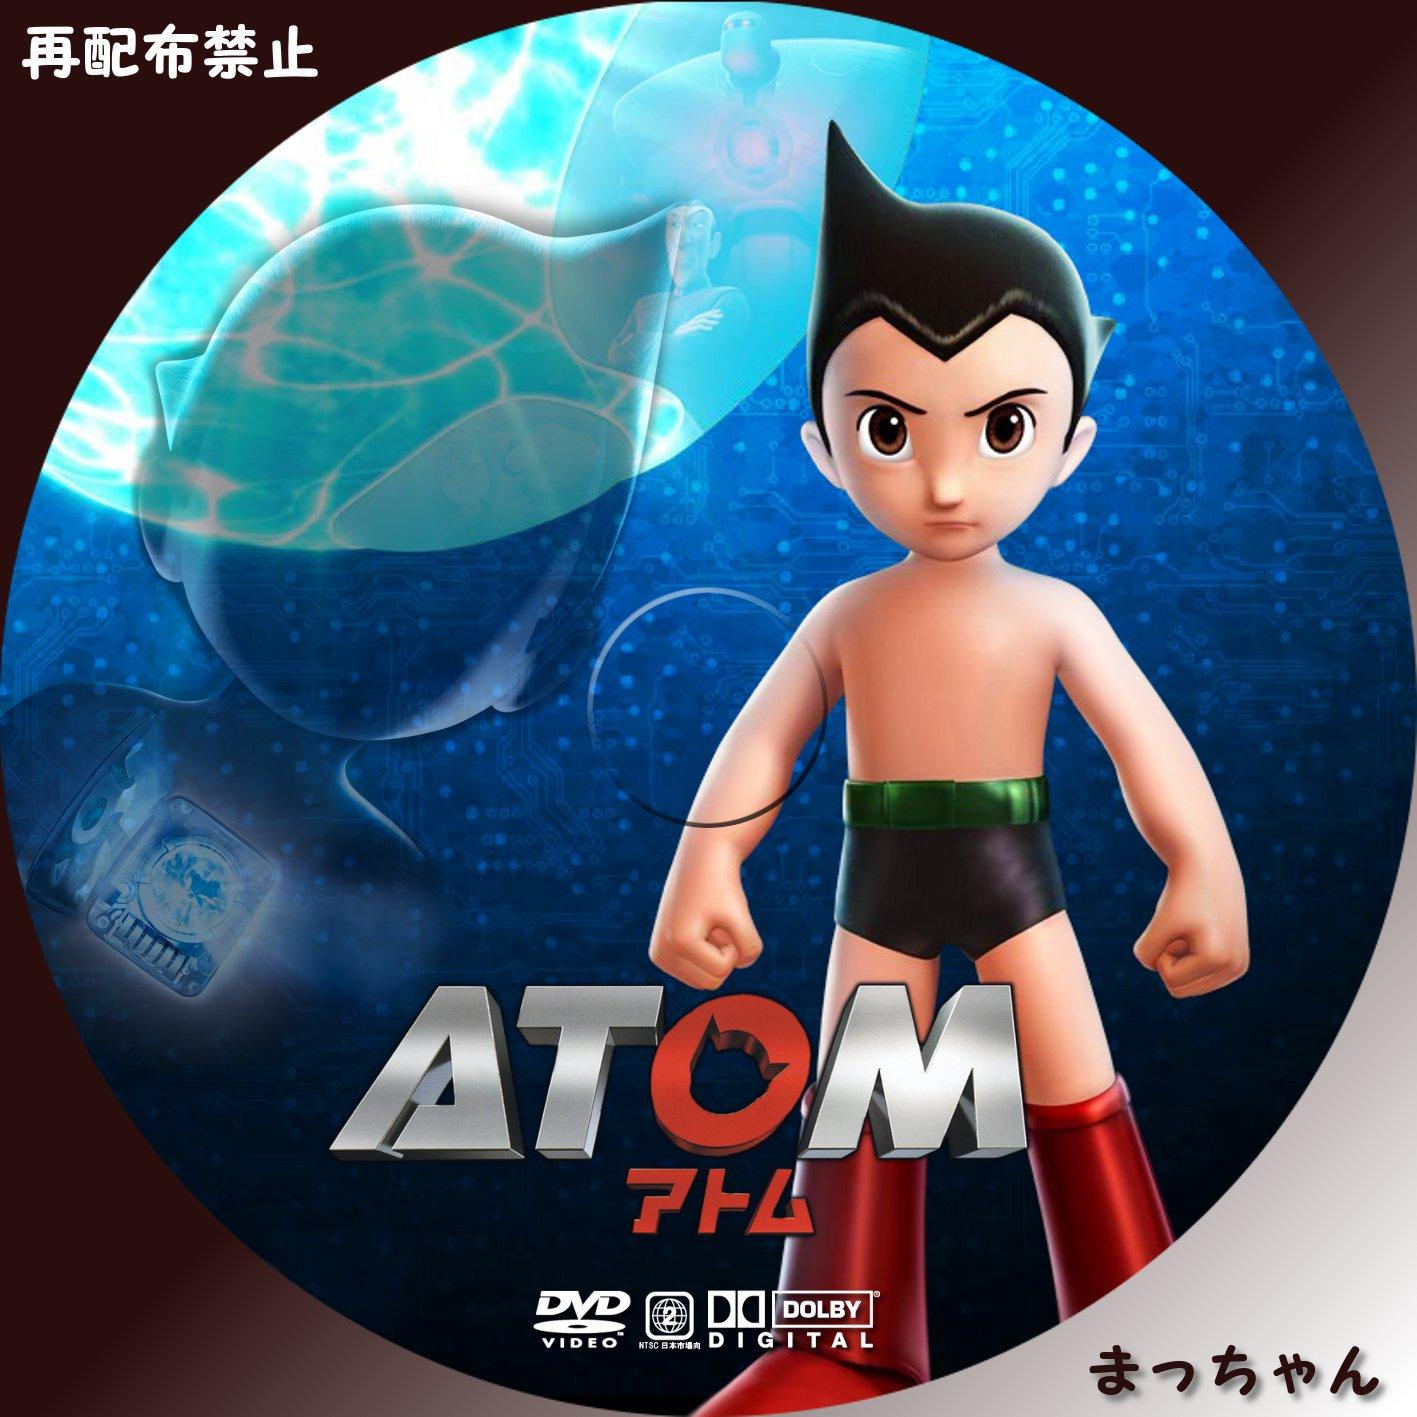 ATOM(アトム) まっちゃんの☆自作DVDラベル☆